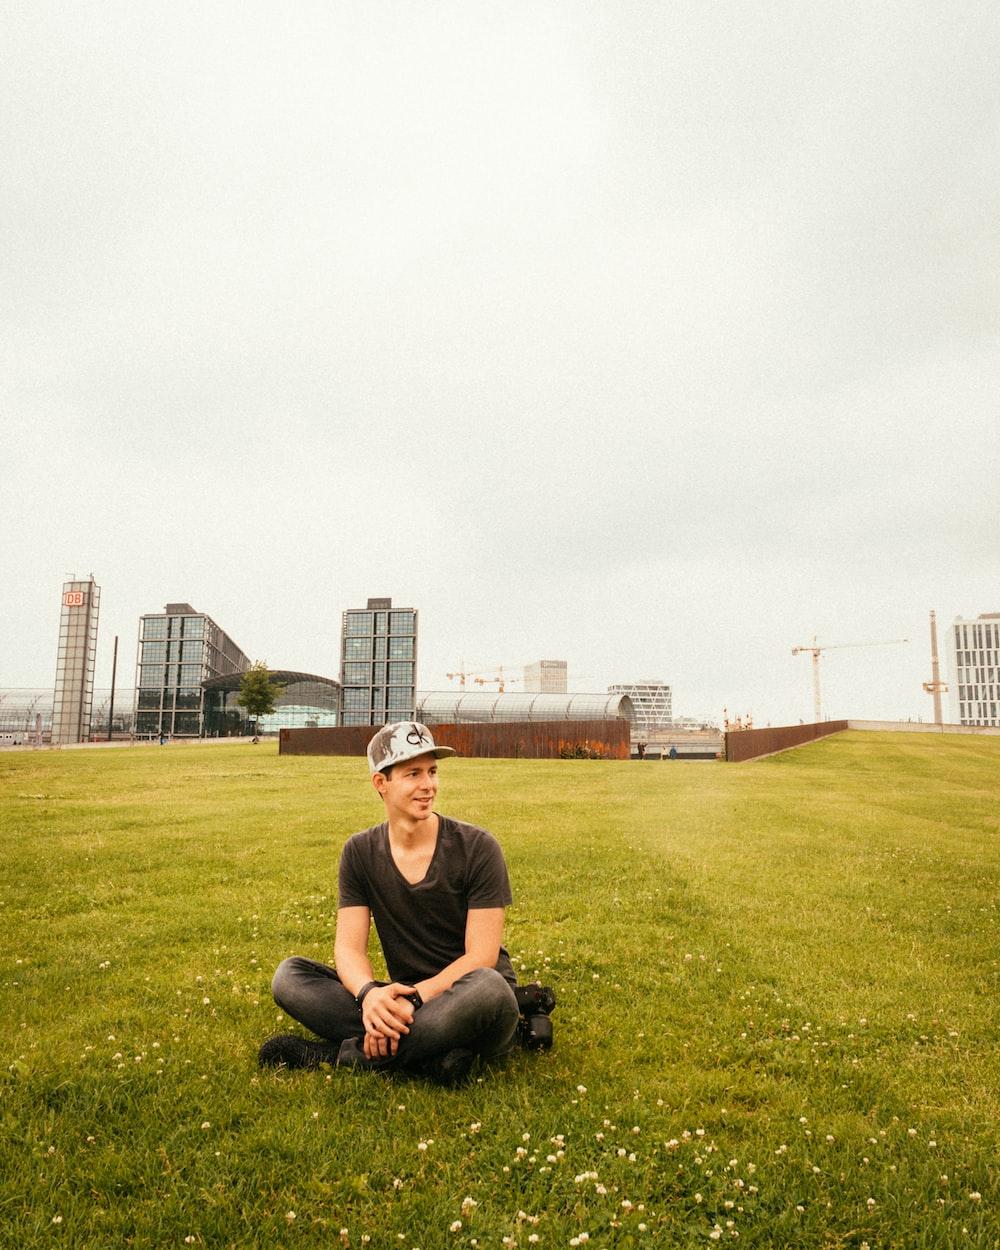 man wearing black crew-neck t-shirt sitting on grass during daytime